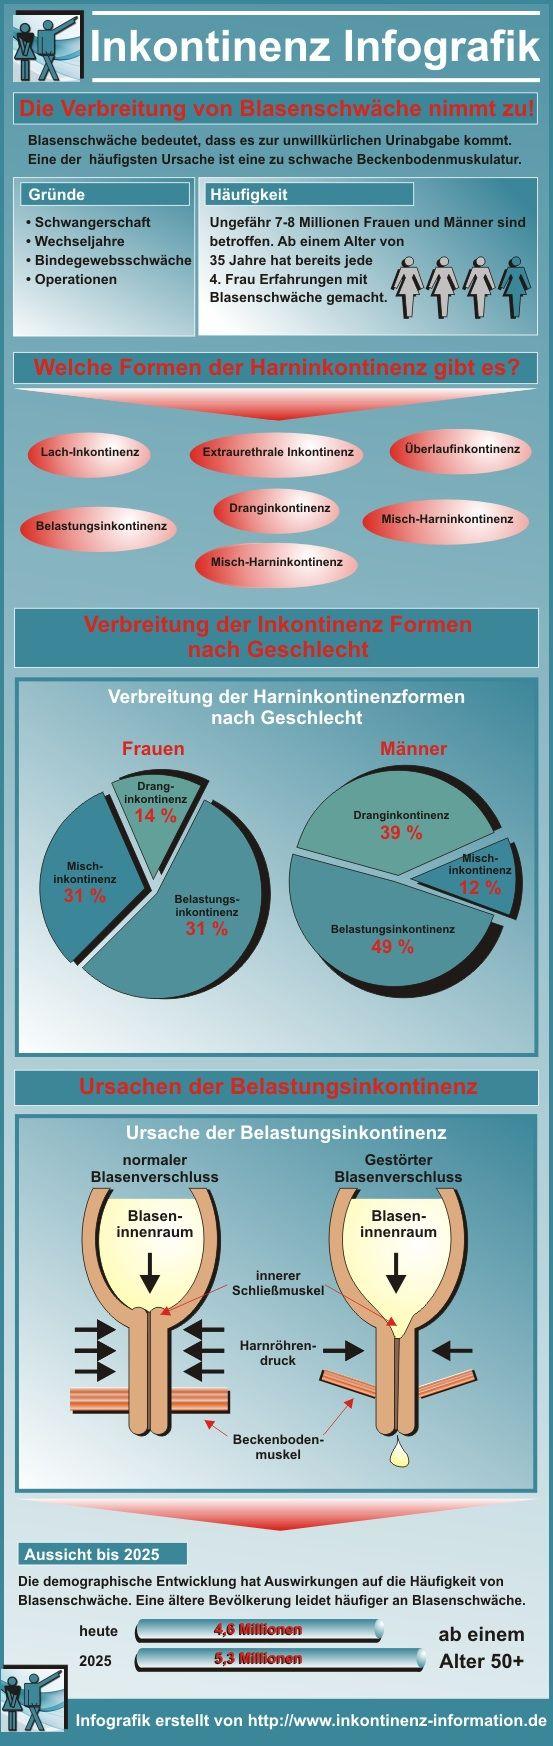 Die folgende Infografik veranschaulicht Ursachen, Formen und Verbreitung von Inkontinenz  ################################### the following infographic shows reasons, forms and the spread of incontinence